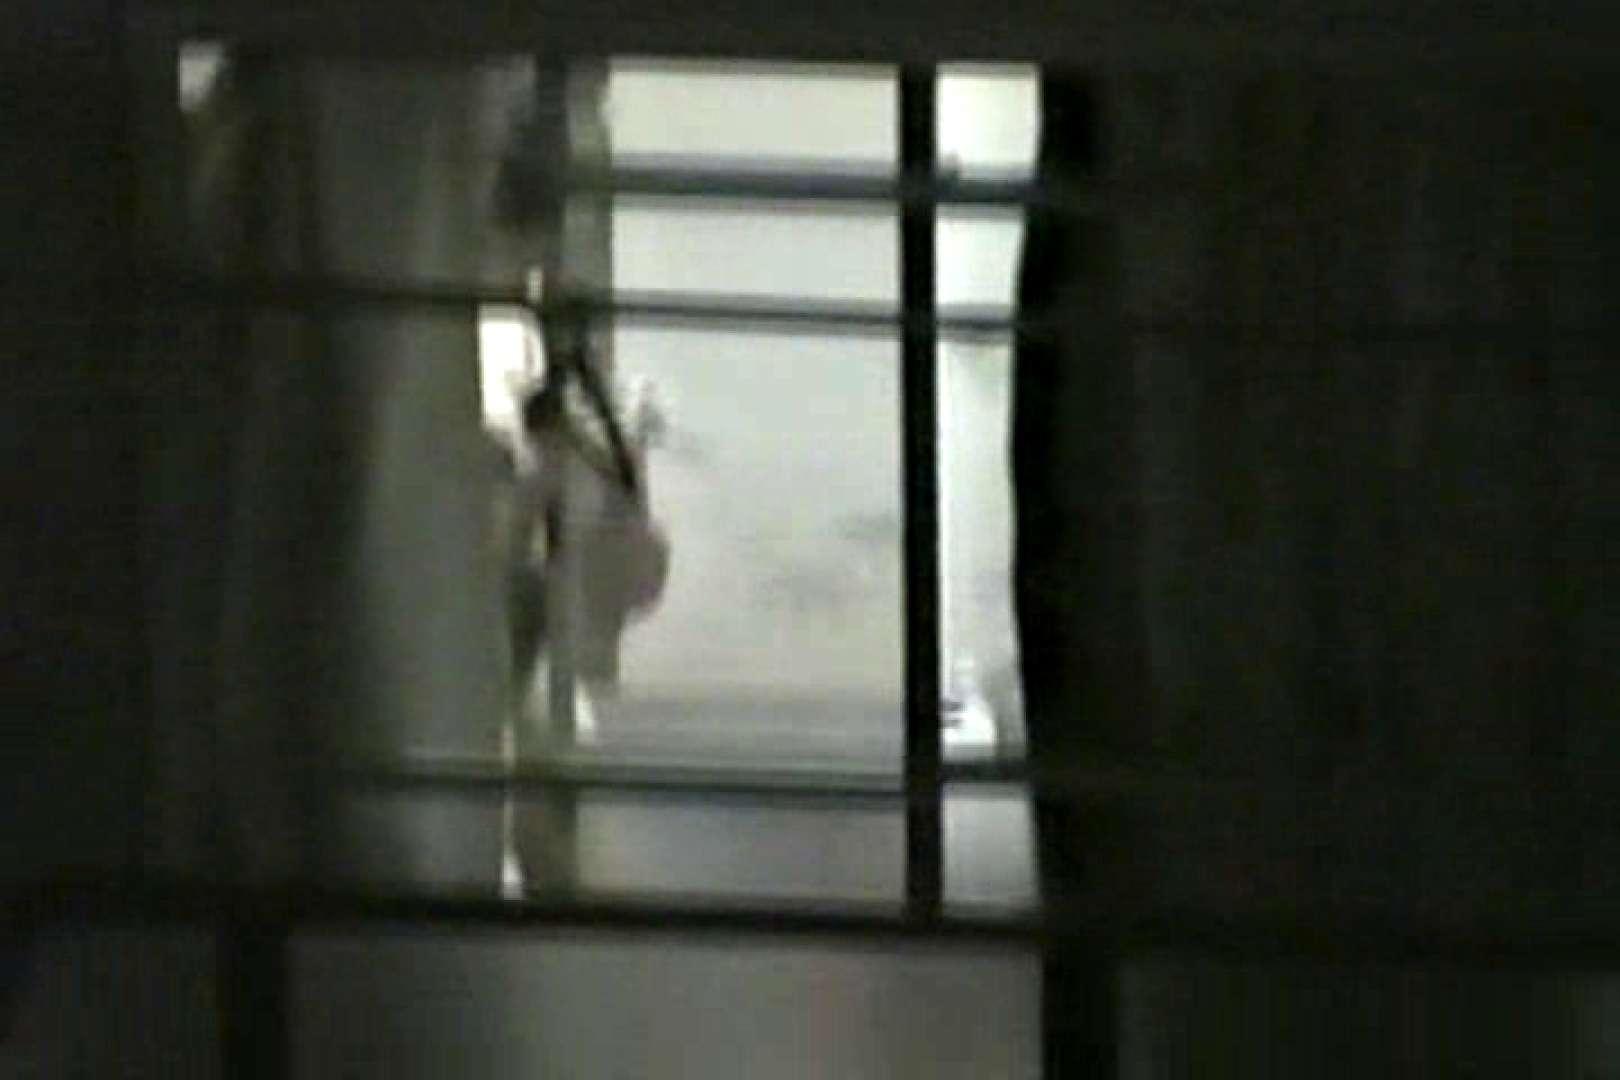 究極の民家覗き撮りVol.4 盗撮師作品 セックス画像 73pic 32